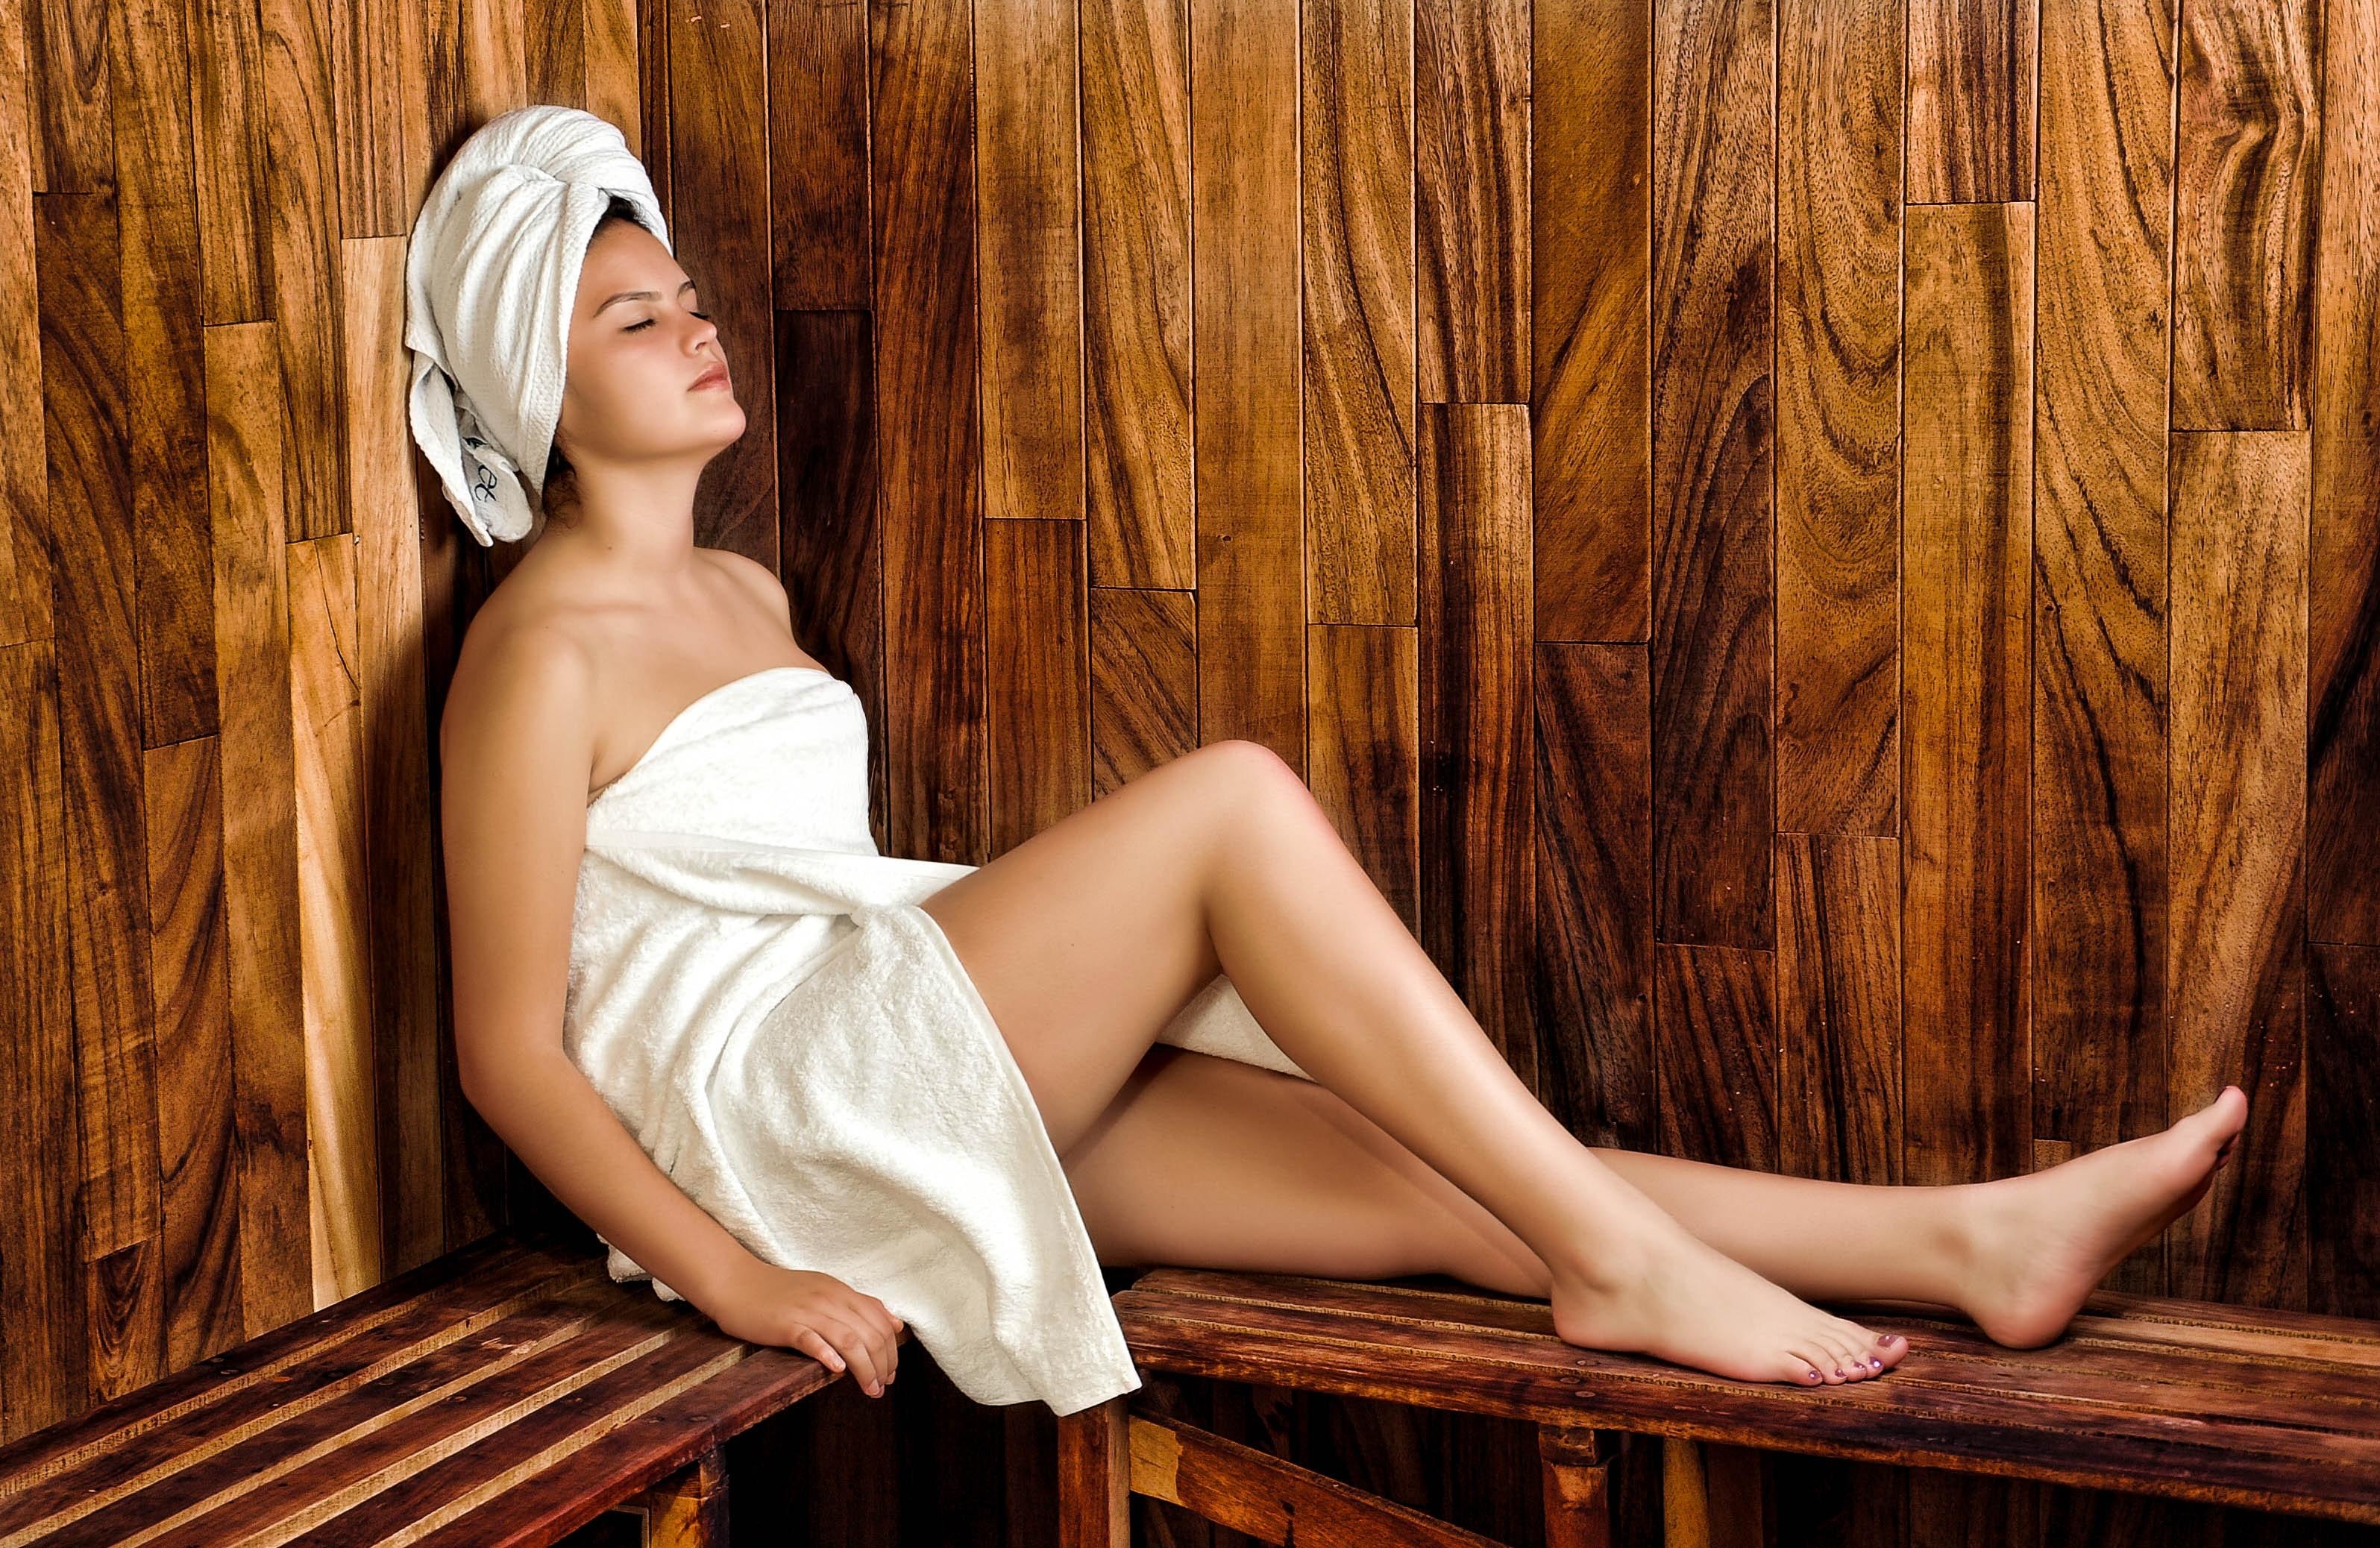 Hoe Werkt Een Houtgestookte Sauna?